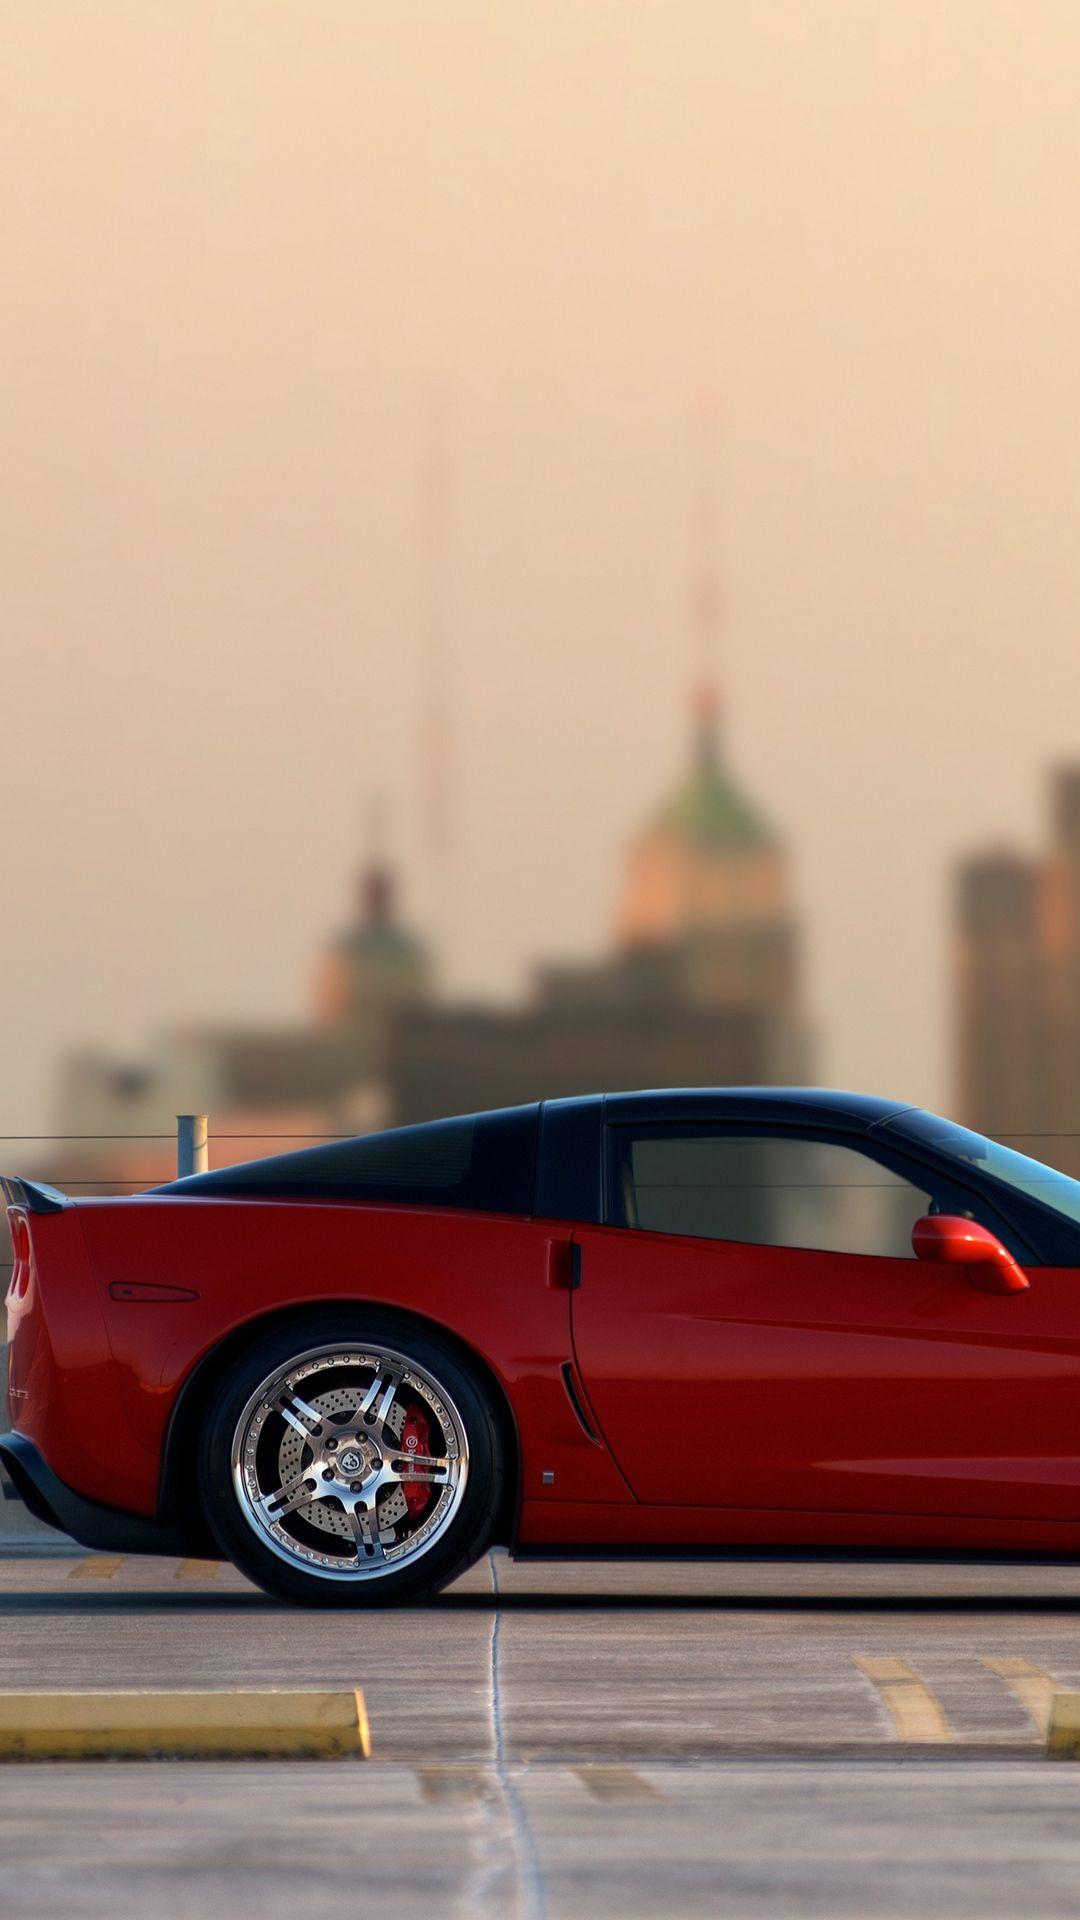 Chevrolet Corvette, Supercar, Chevrolet Corvette Z Wallpaper Samsung